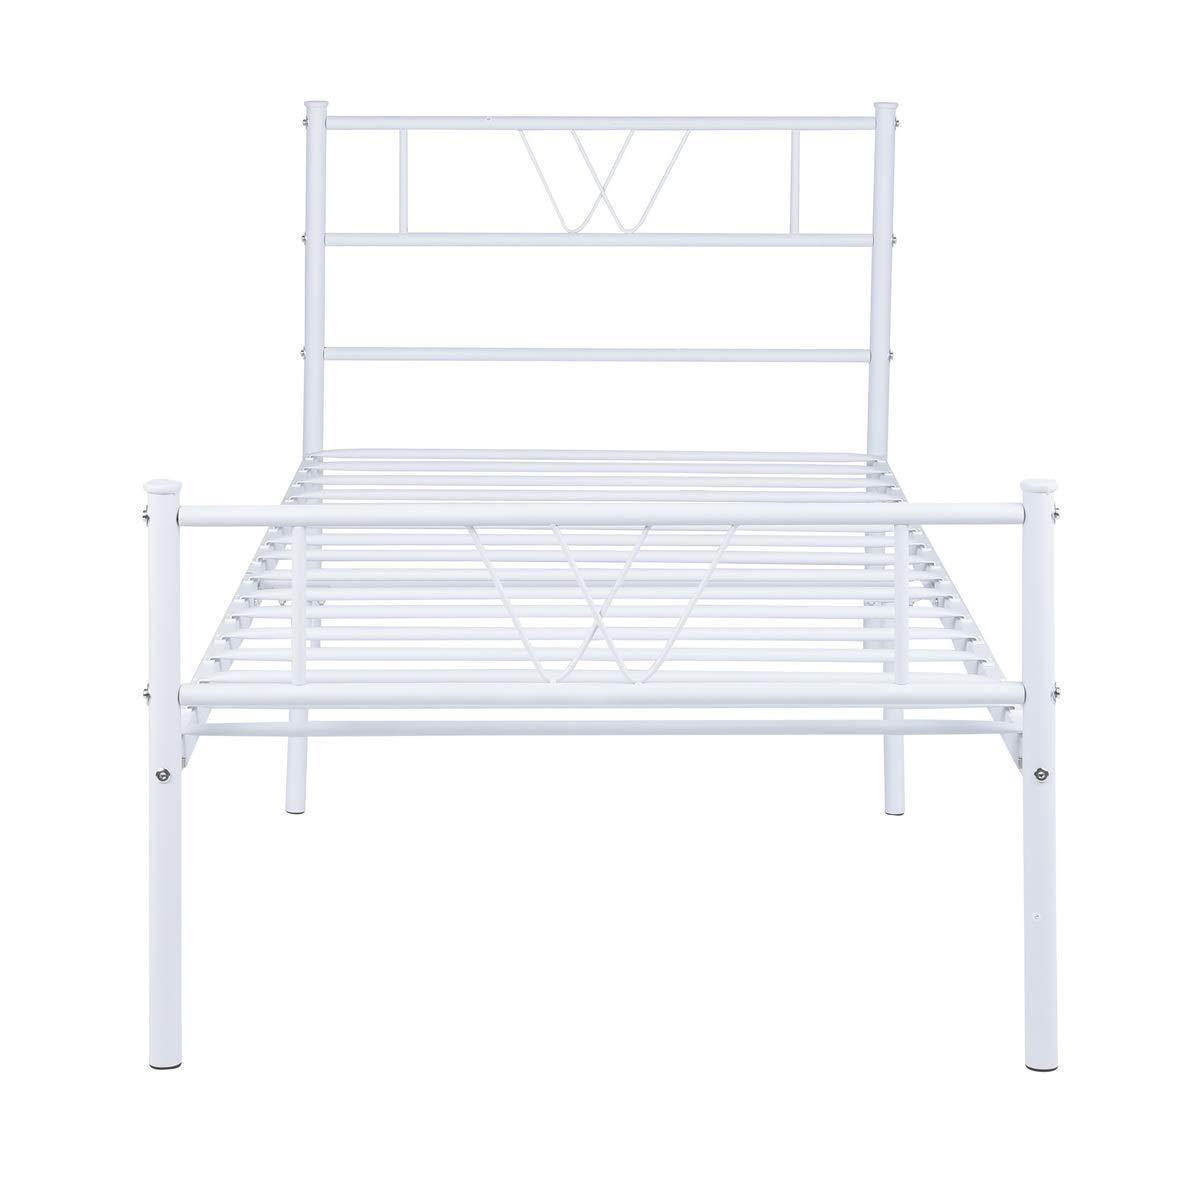 190 cm Bianco Aingoo Letto Singolo Struttura in Metallo Massiccio con testiera Classica per Adulti Bambini Adatto per Materasso 90